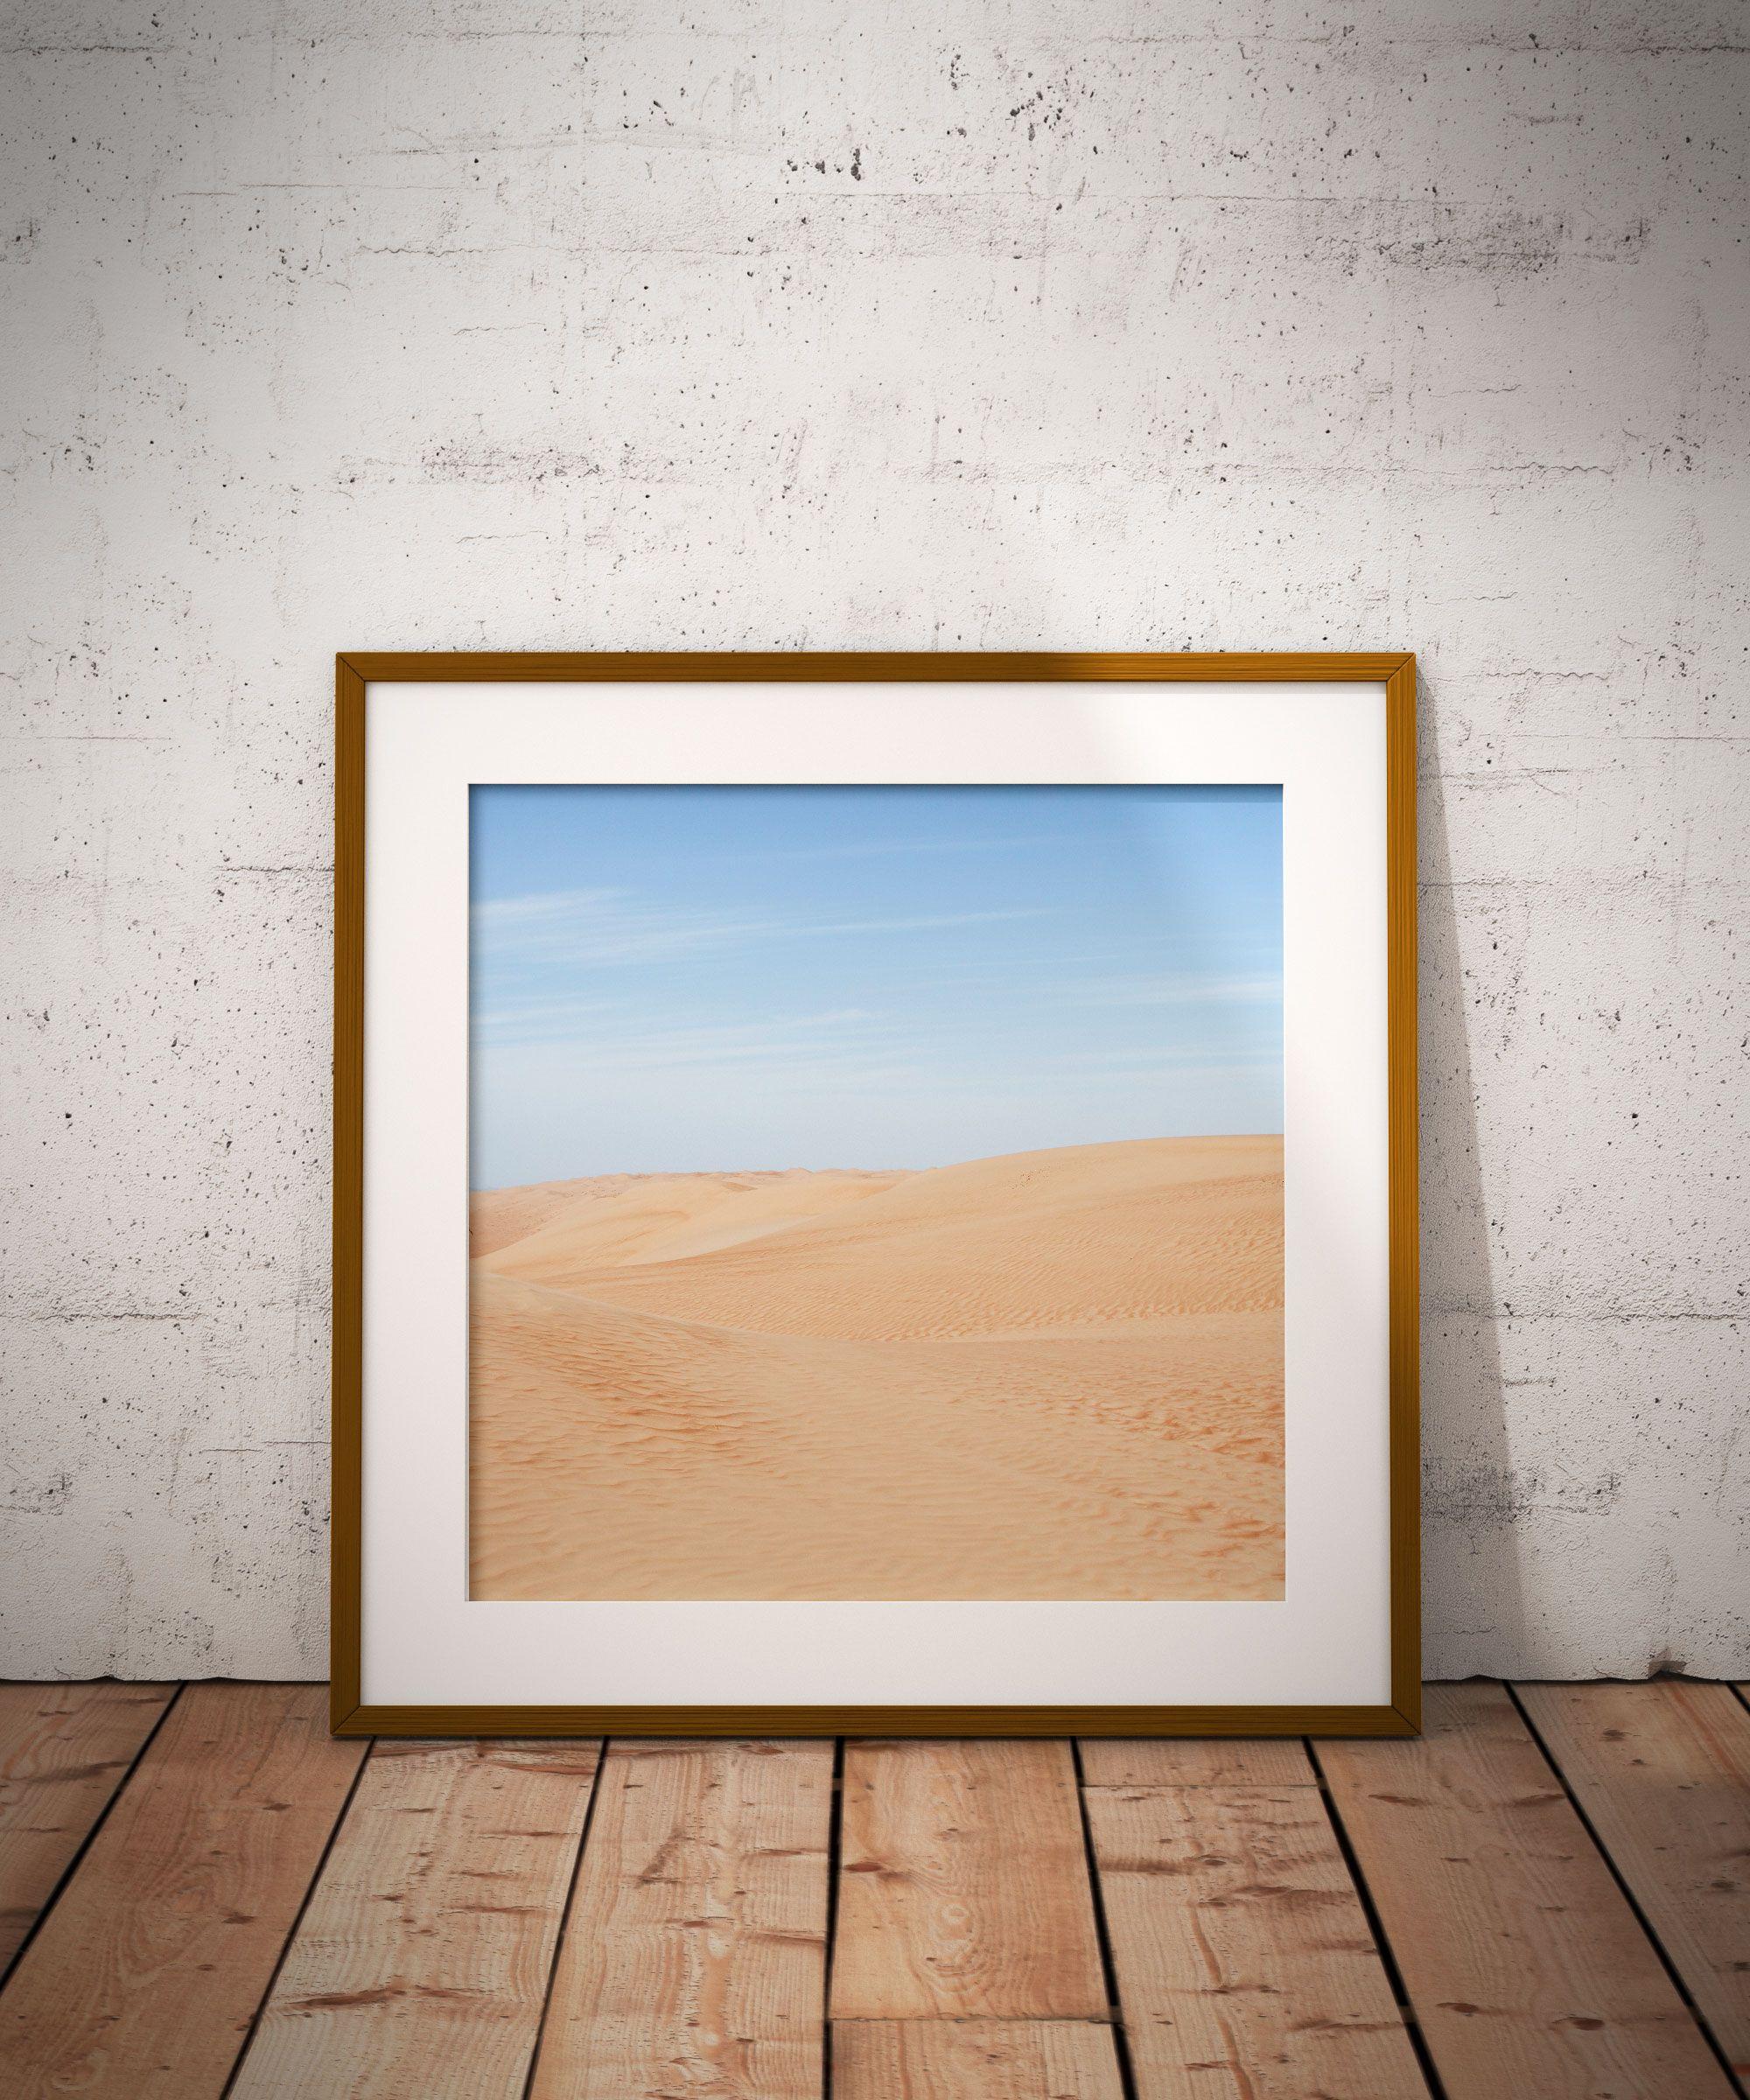 Middle East Desert Photo, Digital Download, Digital Prints